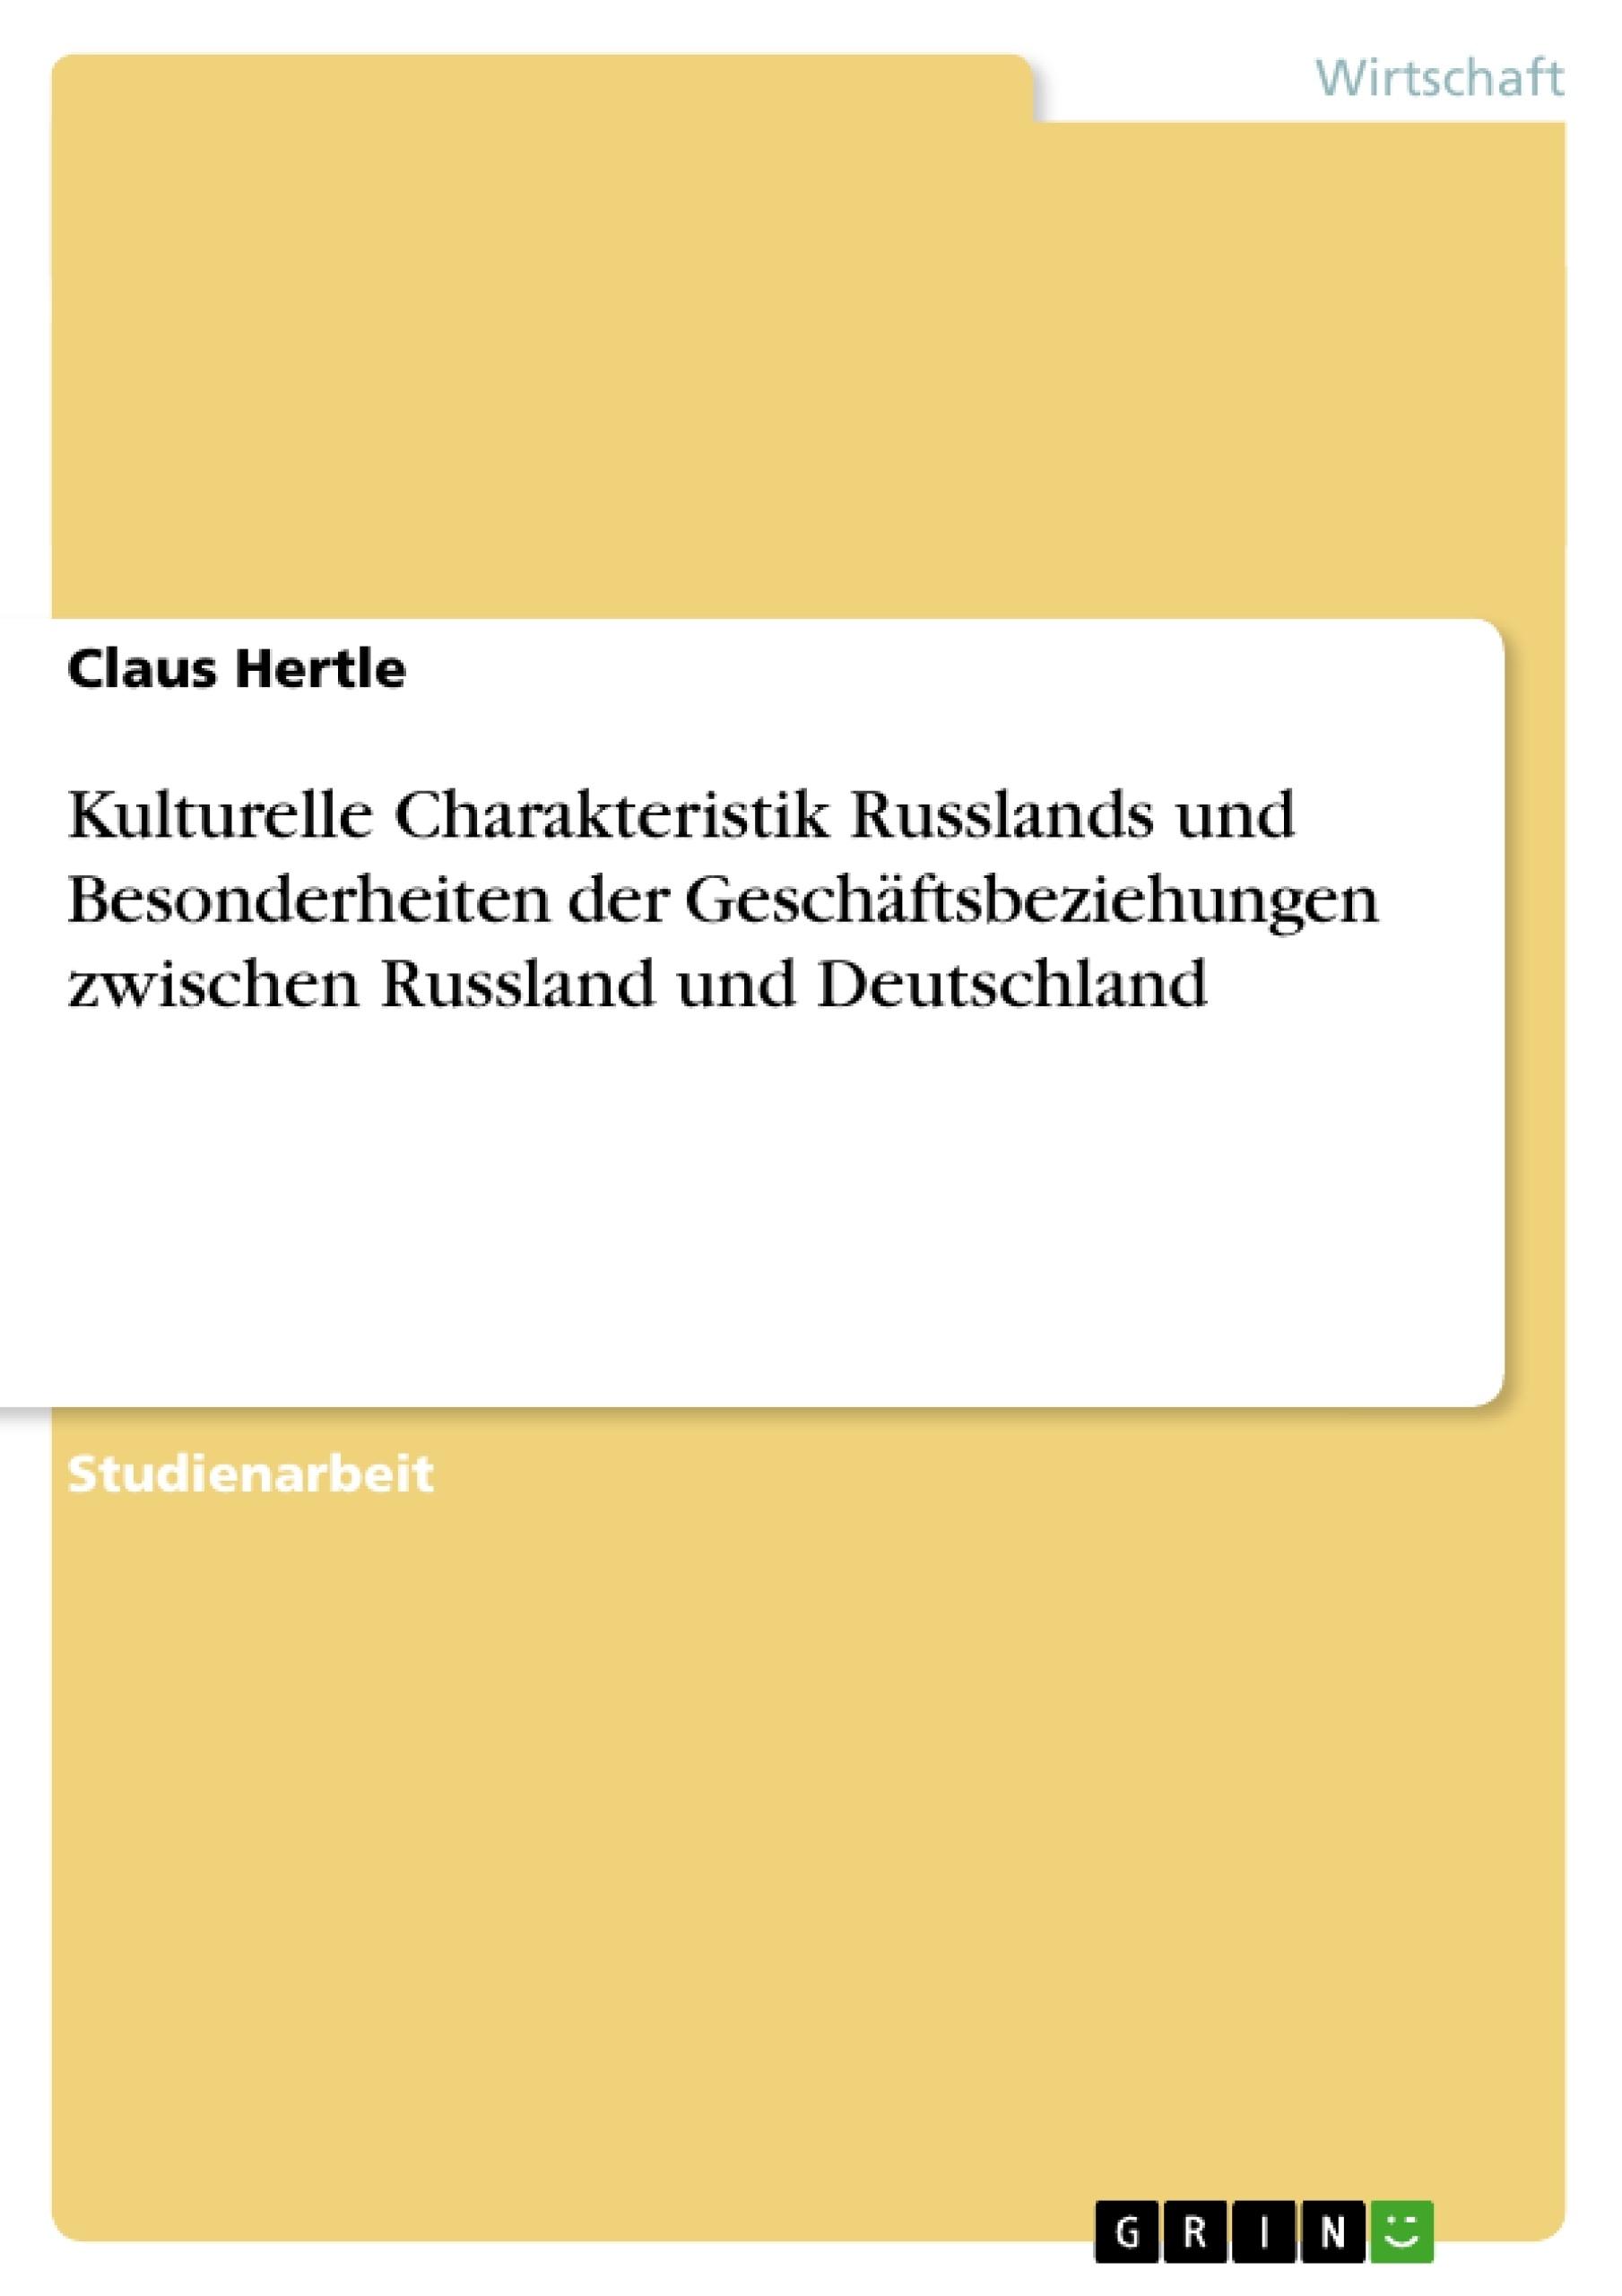 Titel: Kulturelle Charakteristik Russlands und Besonderheiten der Geschäftsbeziehungen zwischen Russland und Deutschland